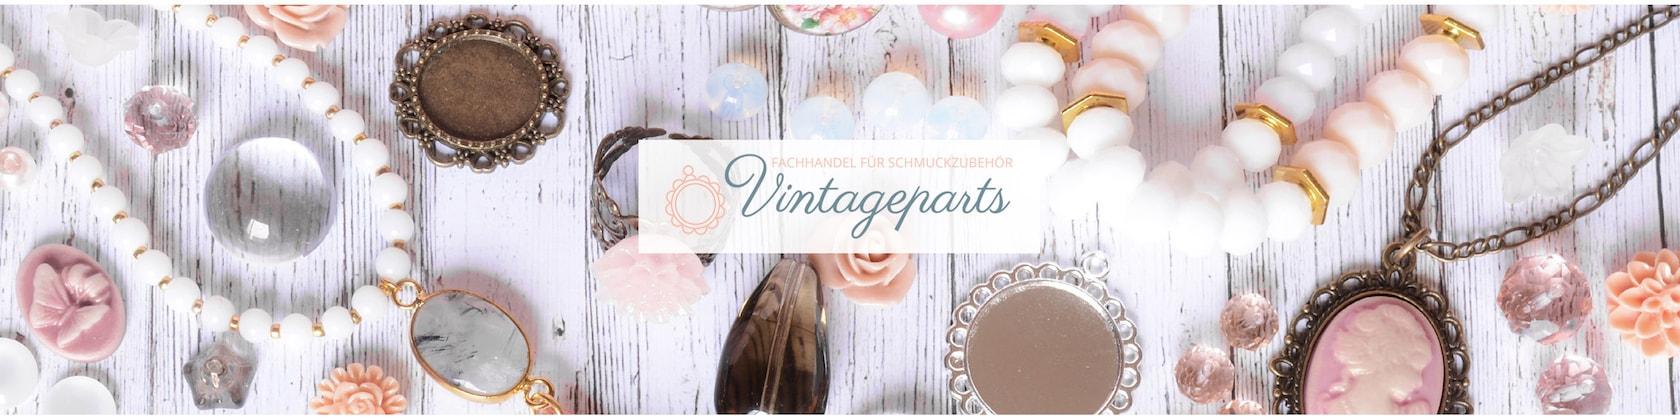 Vintageparts DIY perlas de nácar consigue en rosa 6 mm 5 gramos